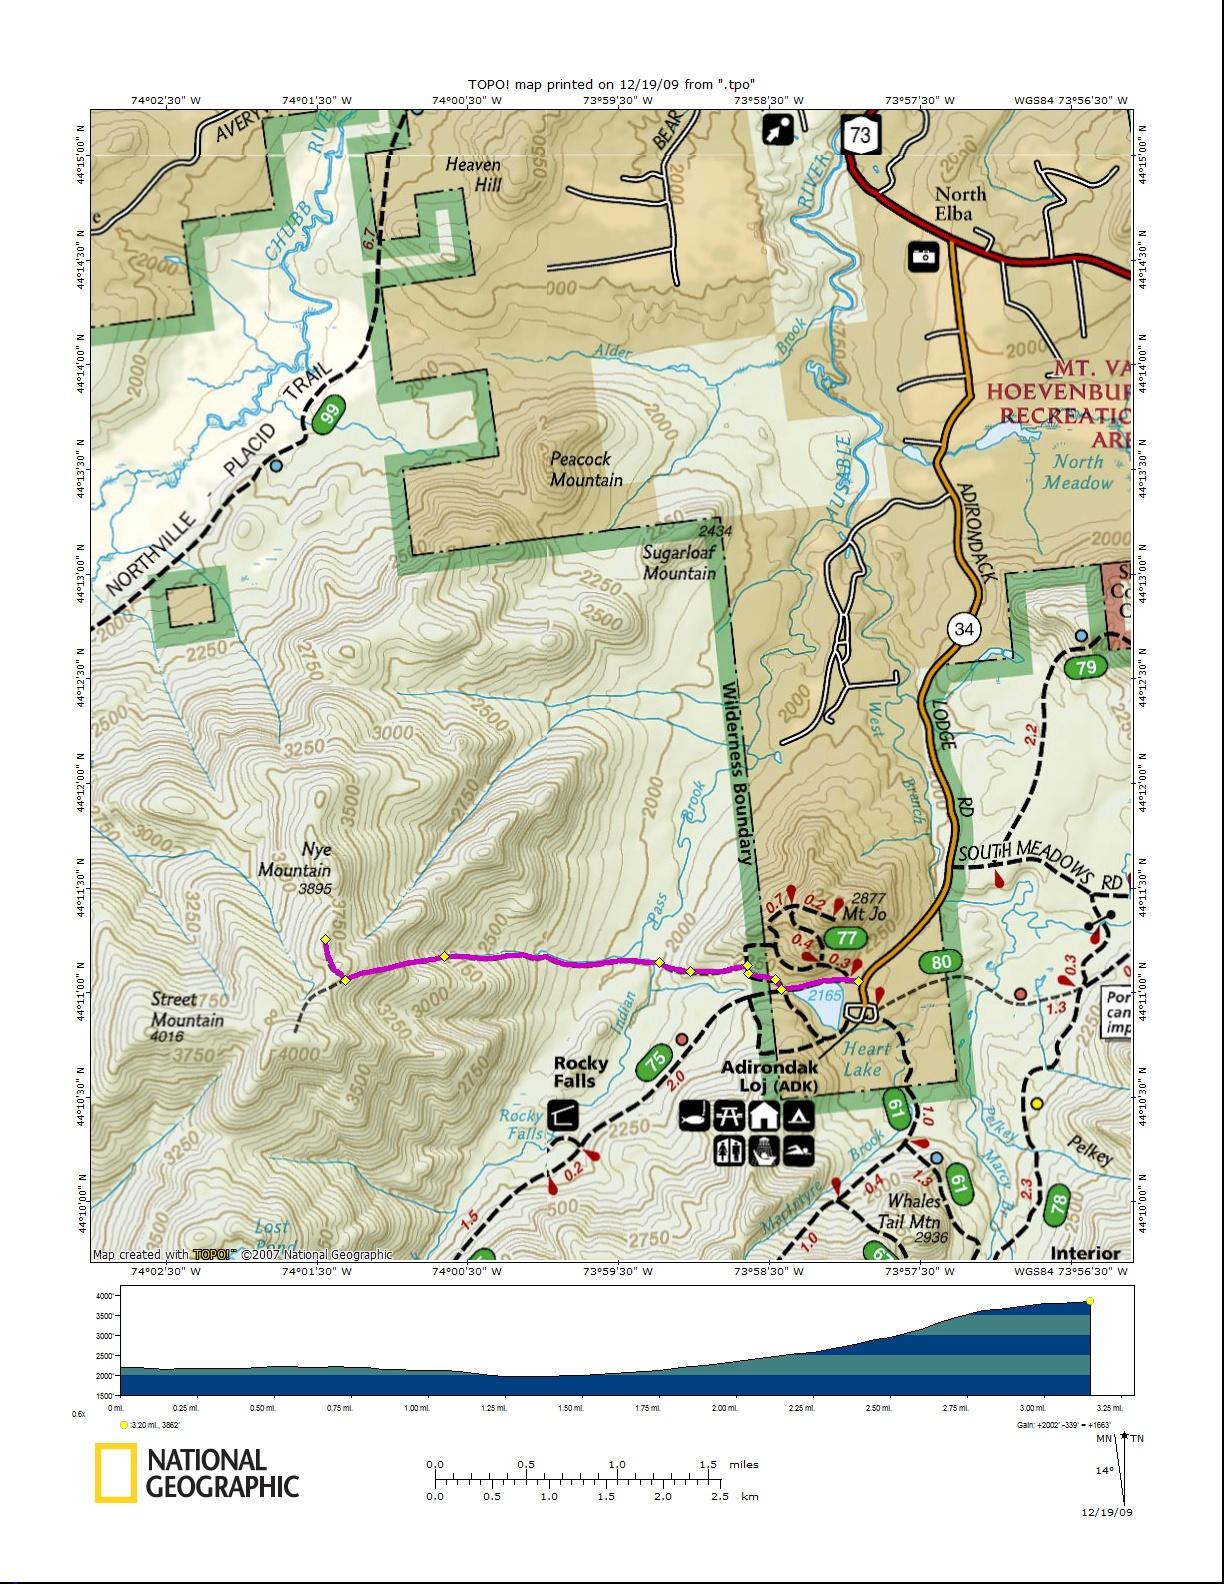 Nye Mountain on adirondack fire towers map, gore mountain adirondack topographic map, adirondack waterway map, adirondack located on a map, adirondack map dec, adirondack campgrounds map, adirondack area map, adirondack state land map, adirondack loj map, adirondack topo map, adirondack trail map, adirondack 46ers map, adirondack wilderness map, adirondack climb map, adirondack map new york, adirondack fishing map,